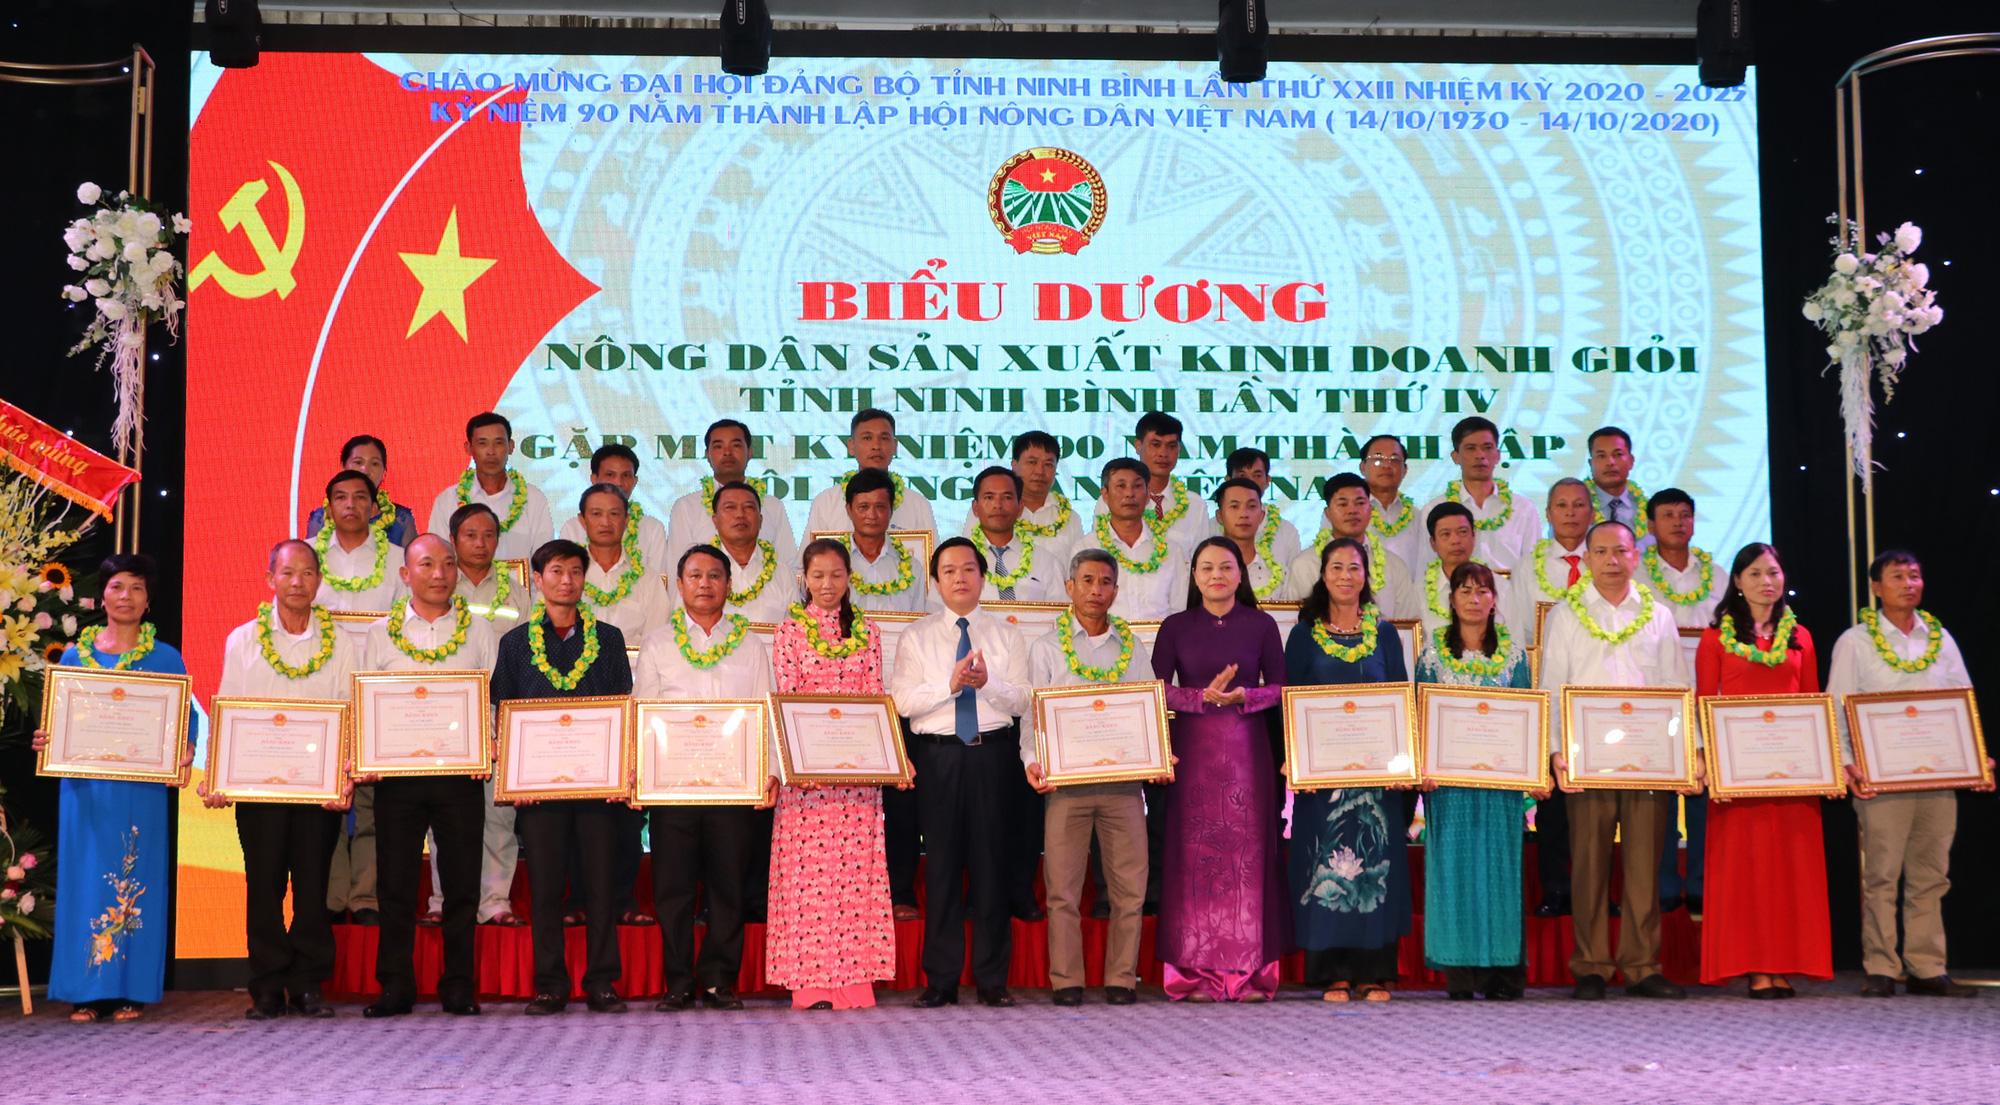 Ninh Bình: Biểu dương 141 nông dân sản xuất, kinh doanh giỏi - Ảnh 3.